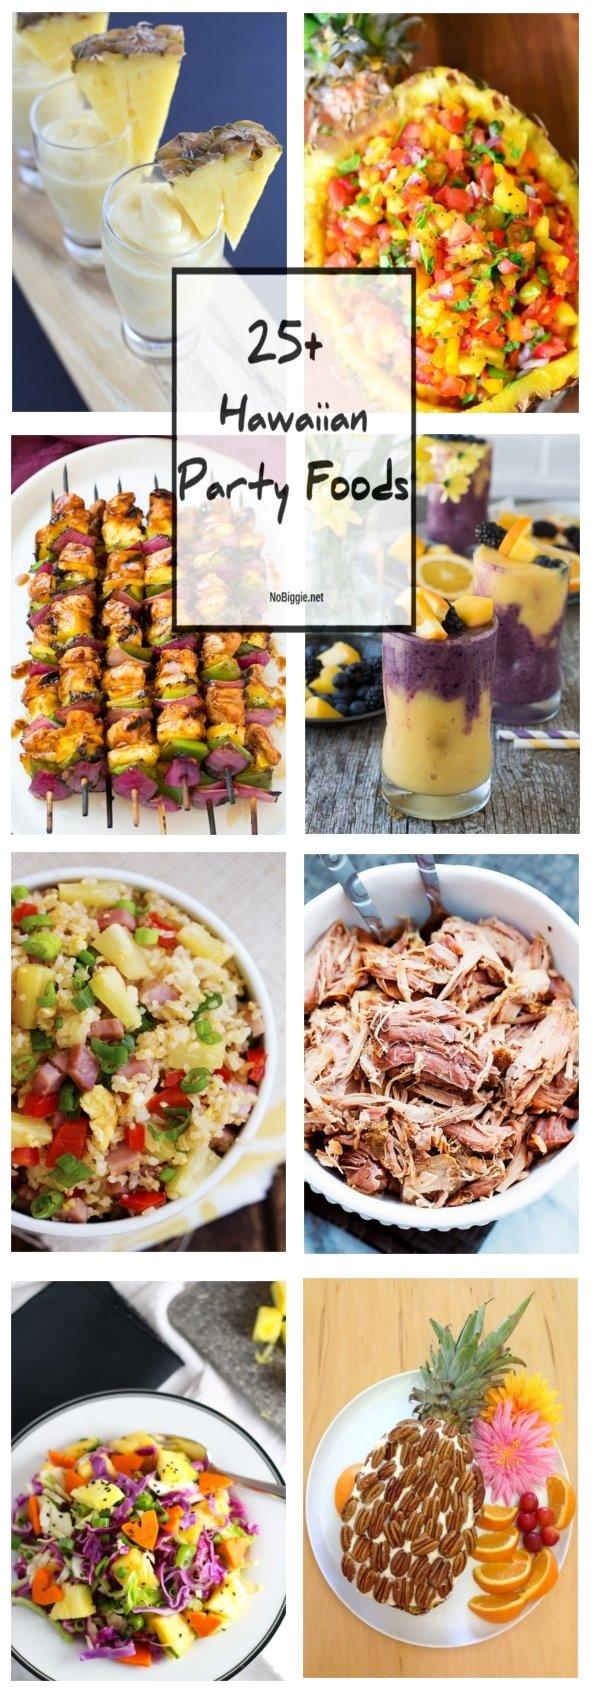 10 Nice Hawaiian Food Ideas For Parties 25 hawaiian party foods nobiggie 2021